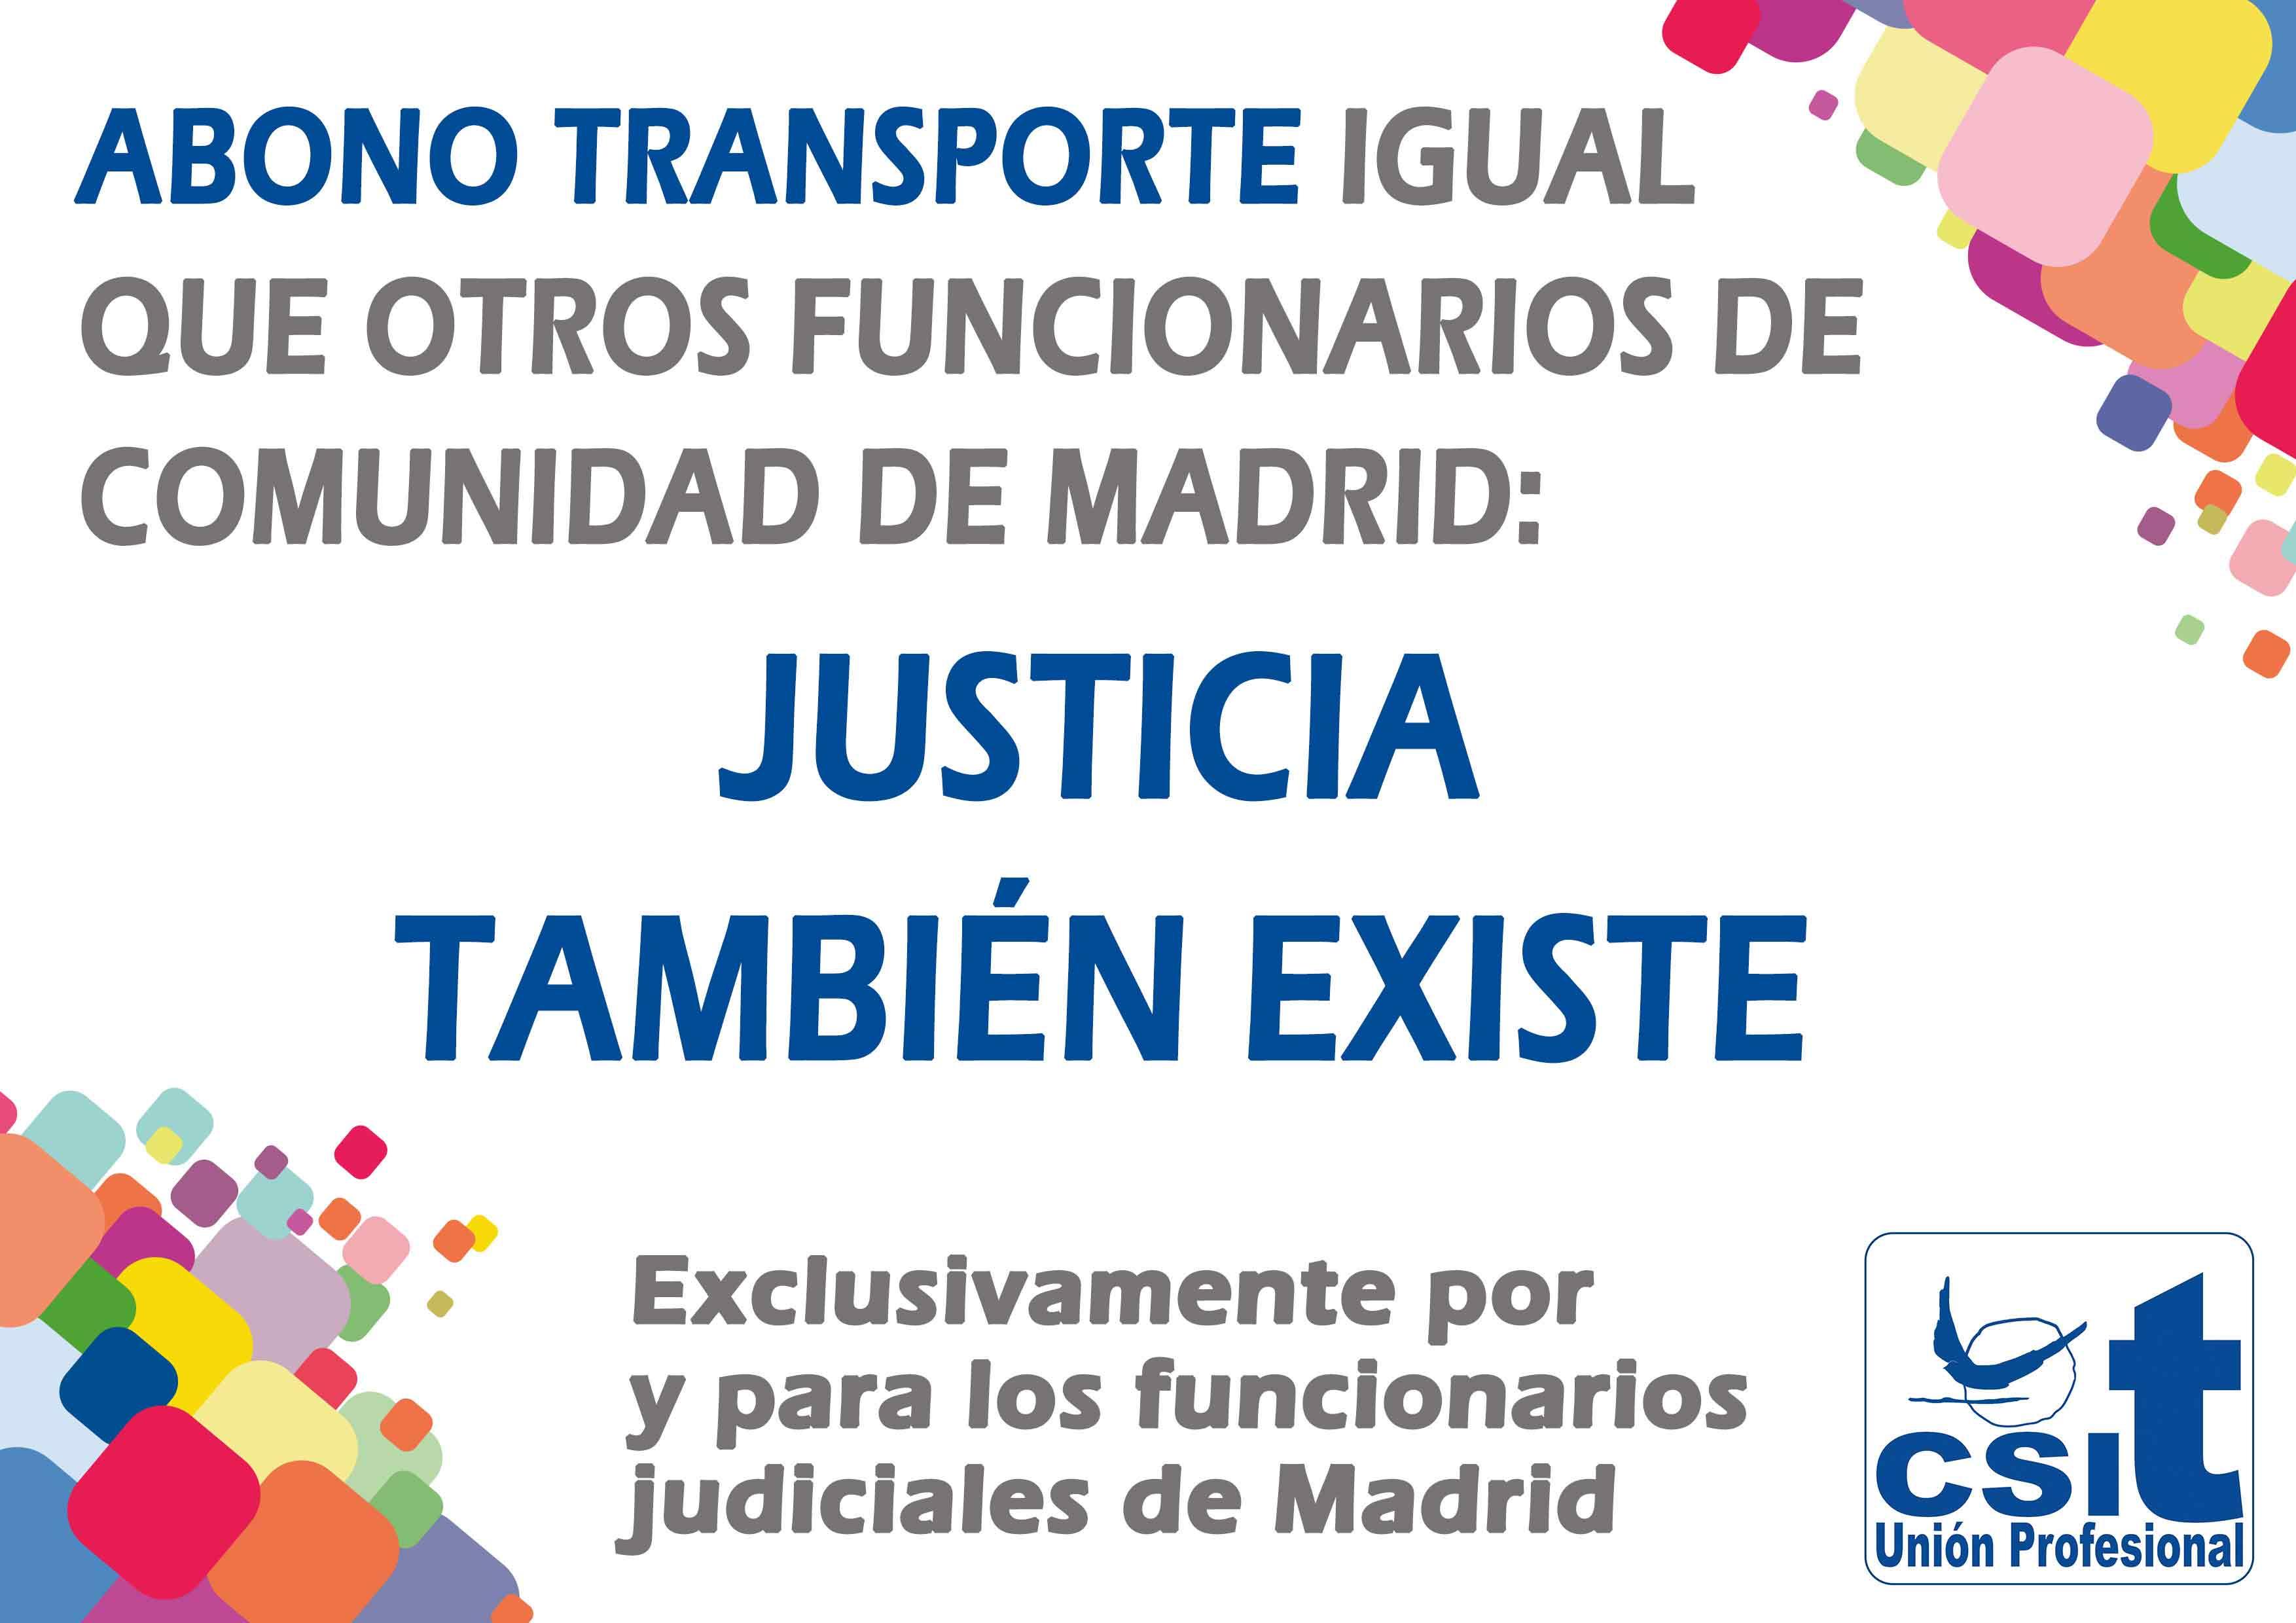 Abono Transporte para los funcionarios de justicia de Comunidad de Madrid